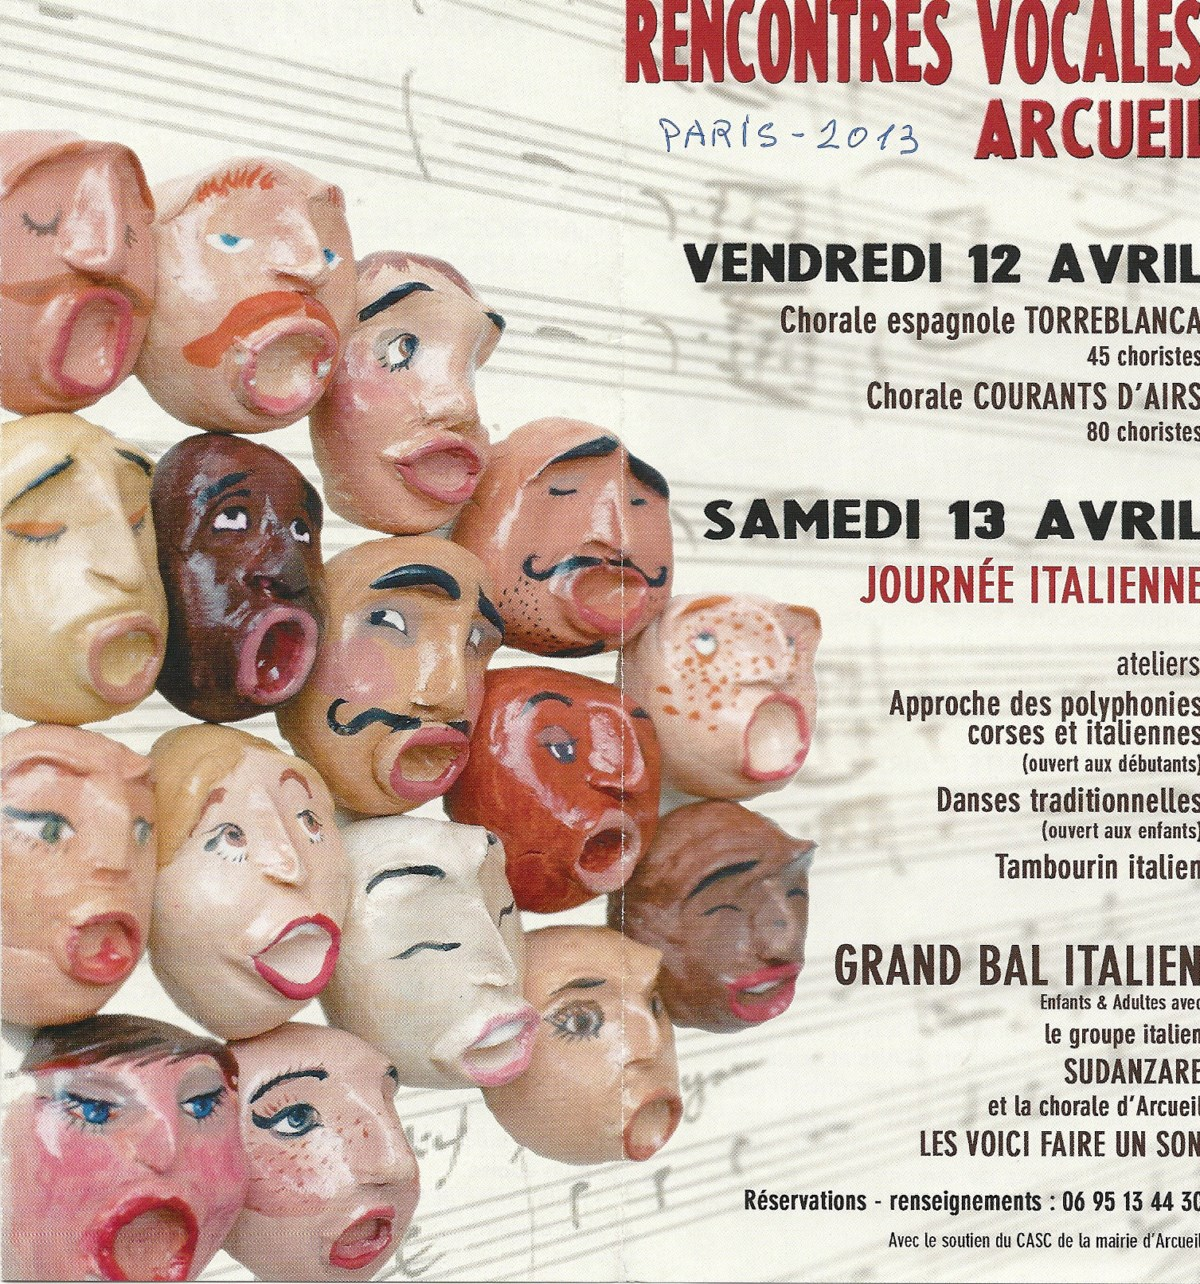 Arcueil(París)-12-04-13 [1600x1200]